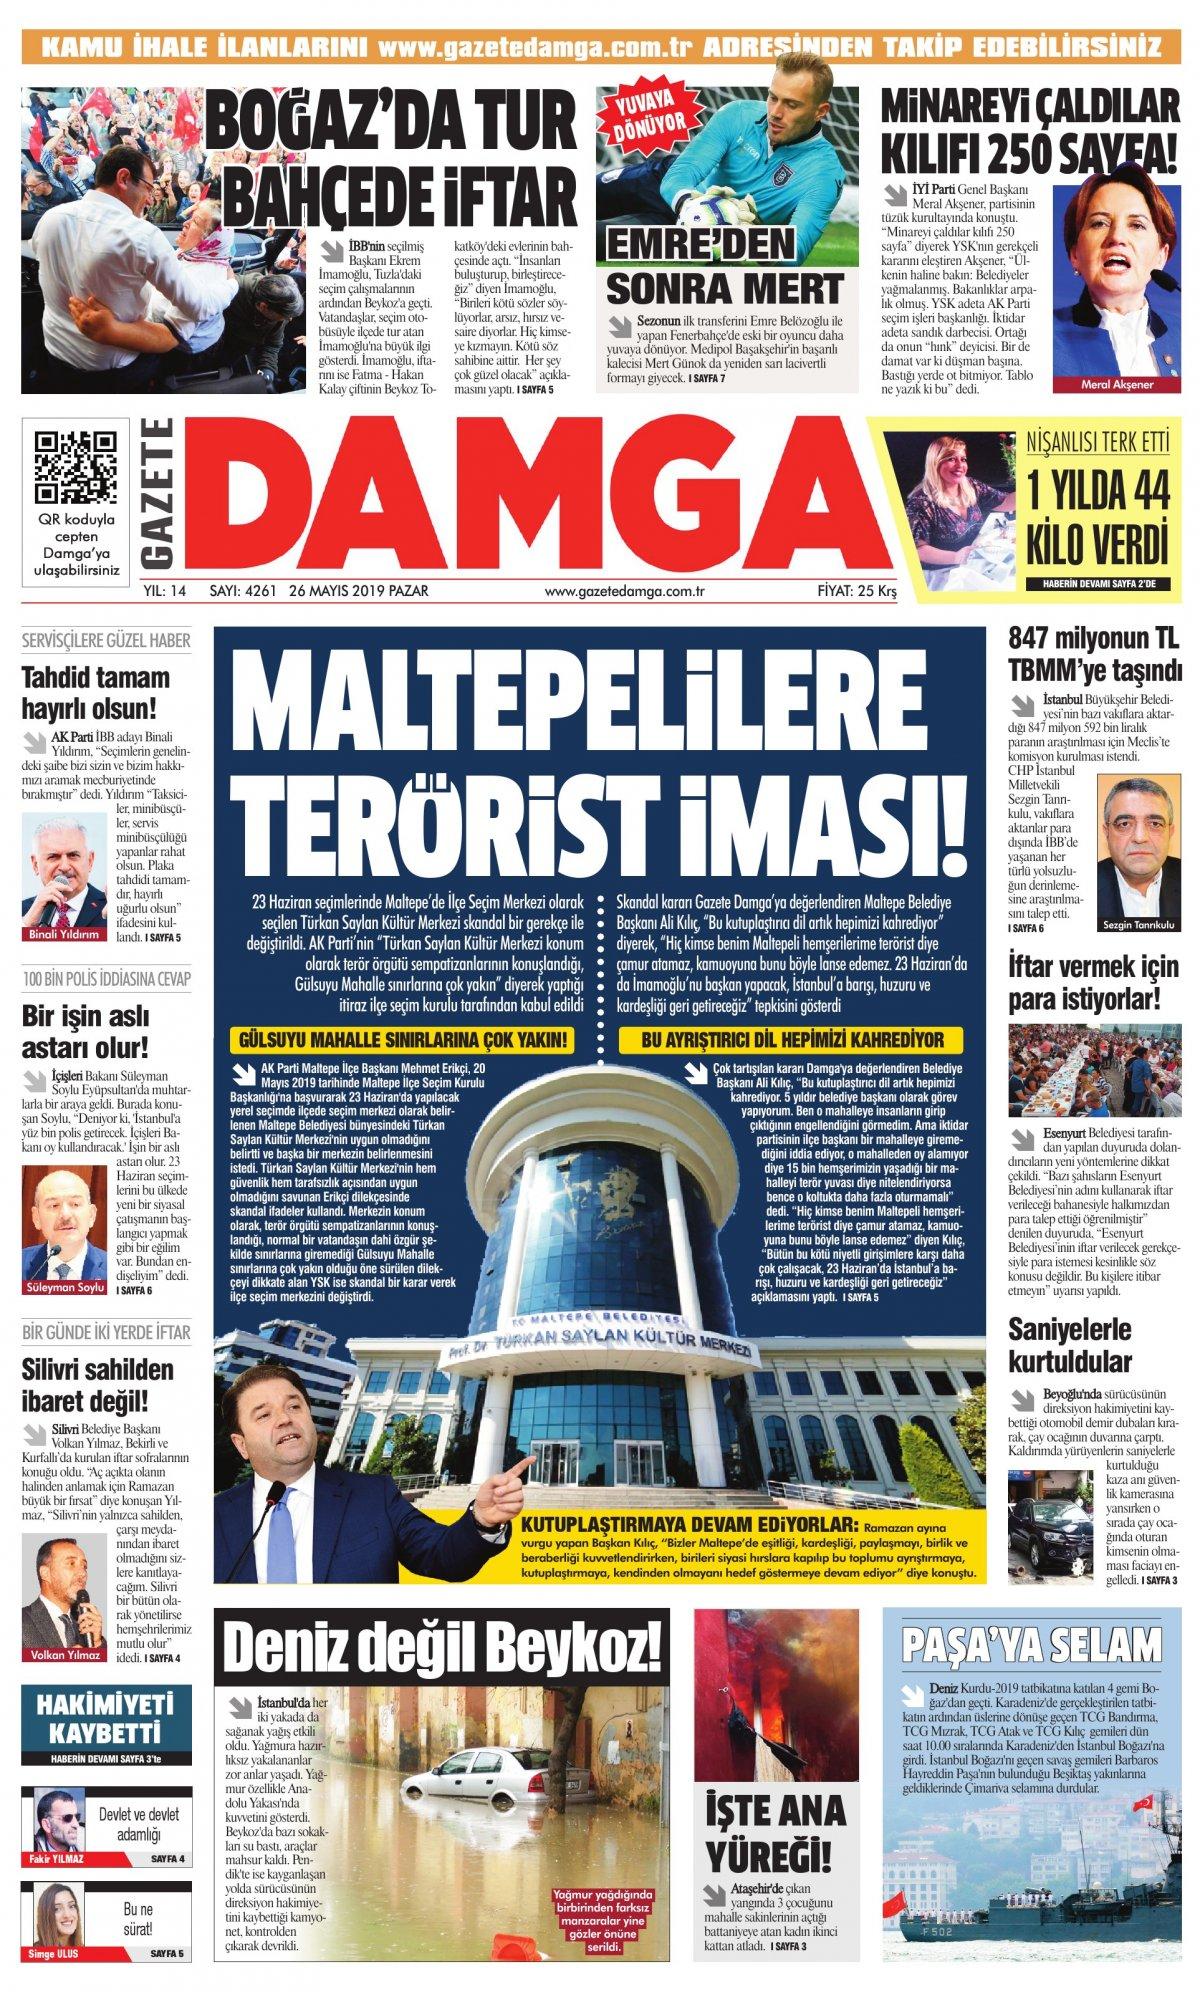 Gazete Damga - 26.05.2019 Sayfaları